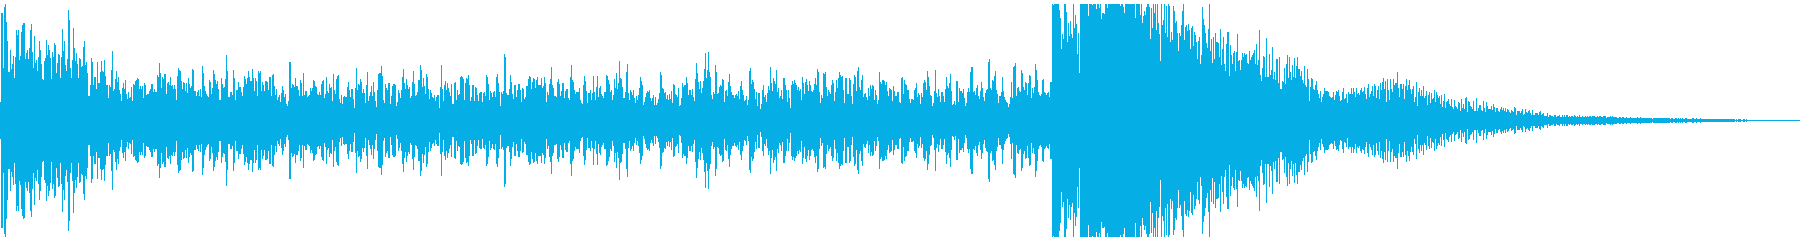 ティンパニーの迫力あるドラムロール/定番の再生済みの波形